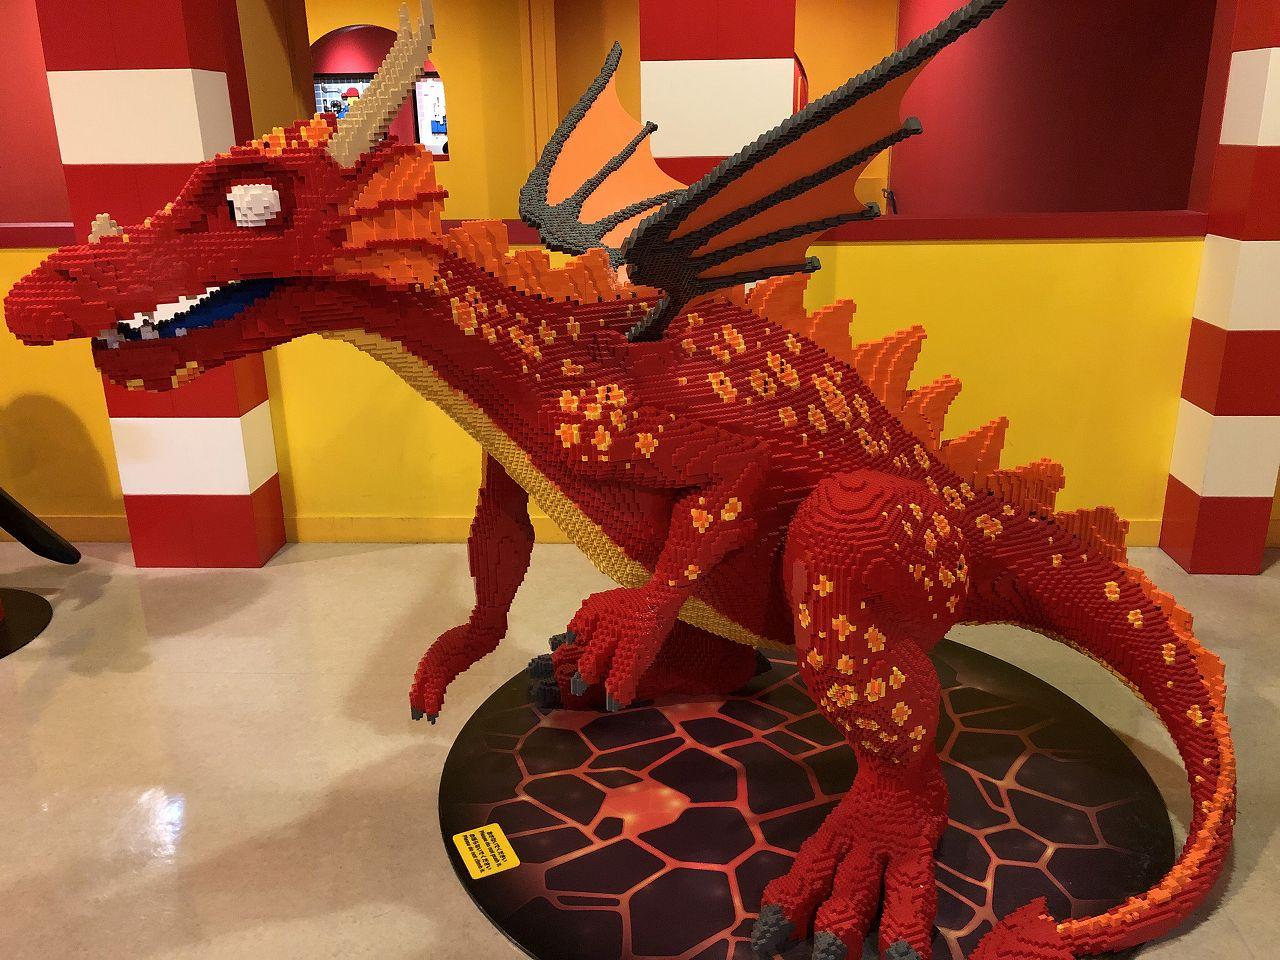 レゴで作られたモンスター